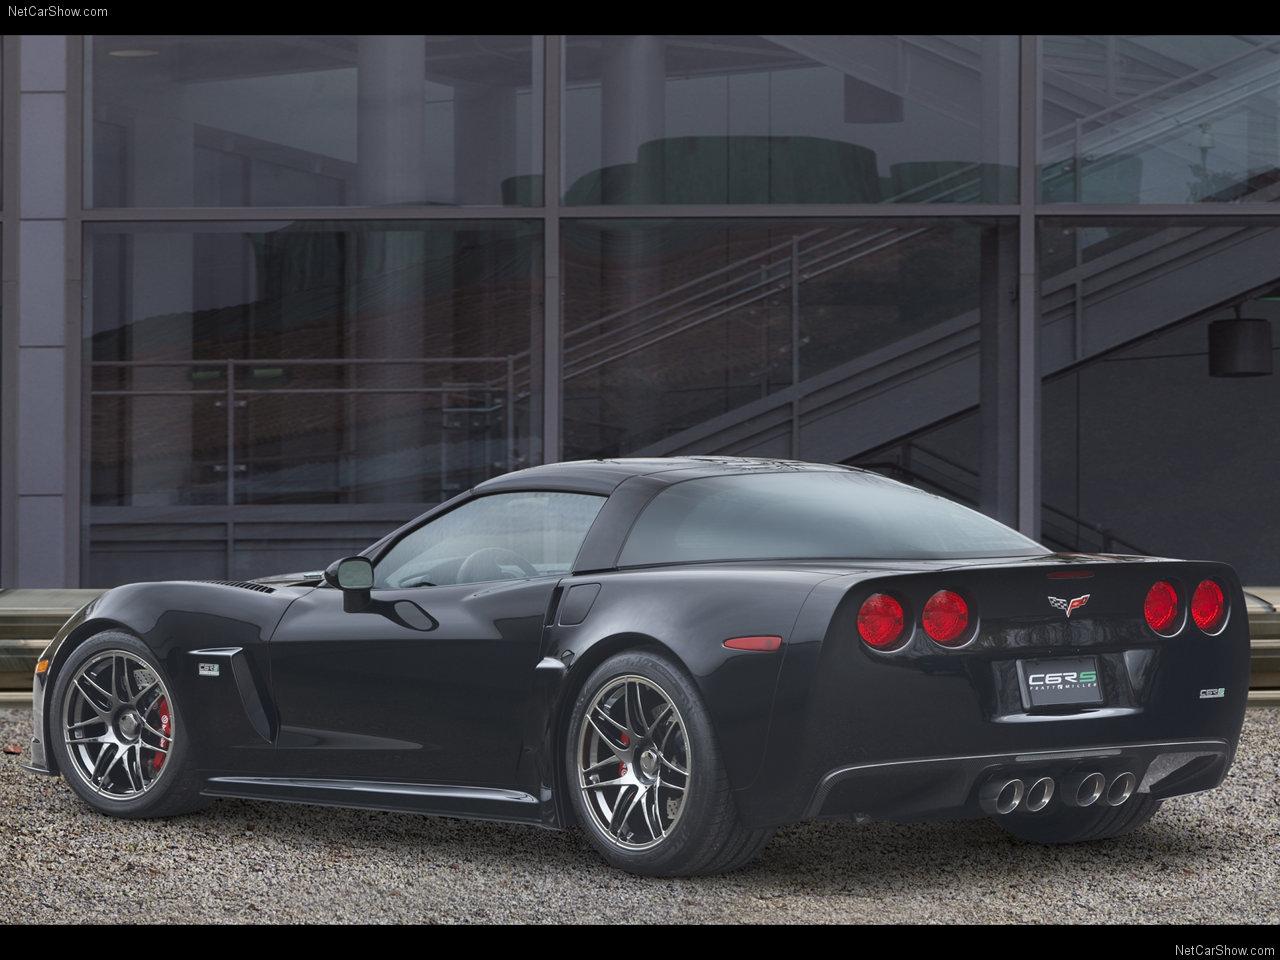 http://3.bp.blogspot.com/-WNuDcMqON1Q/TXSVx0qpgnI/AAAAAAAAMeI/v-fIvMeSVbE/s1600/Chevrolet-Jay_Lenos_Corvette_C6RS_E85_2007_1280x960_wallpaper_02.jpg